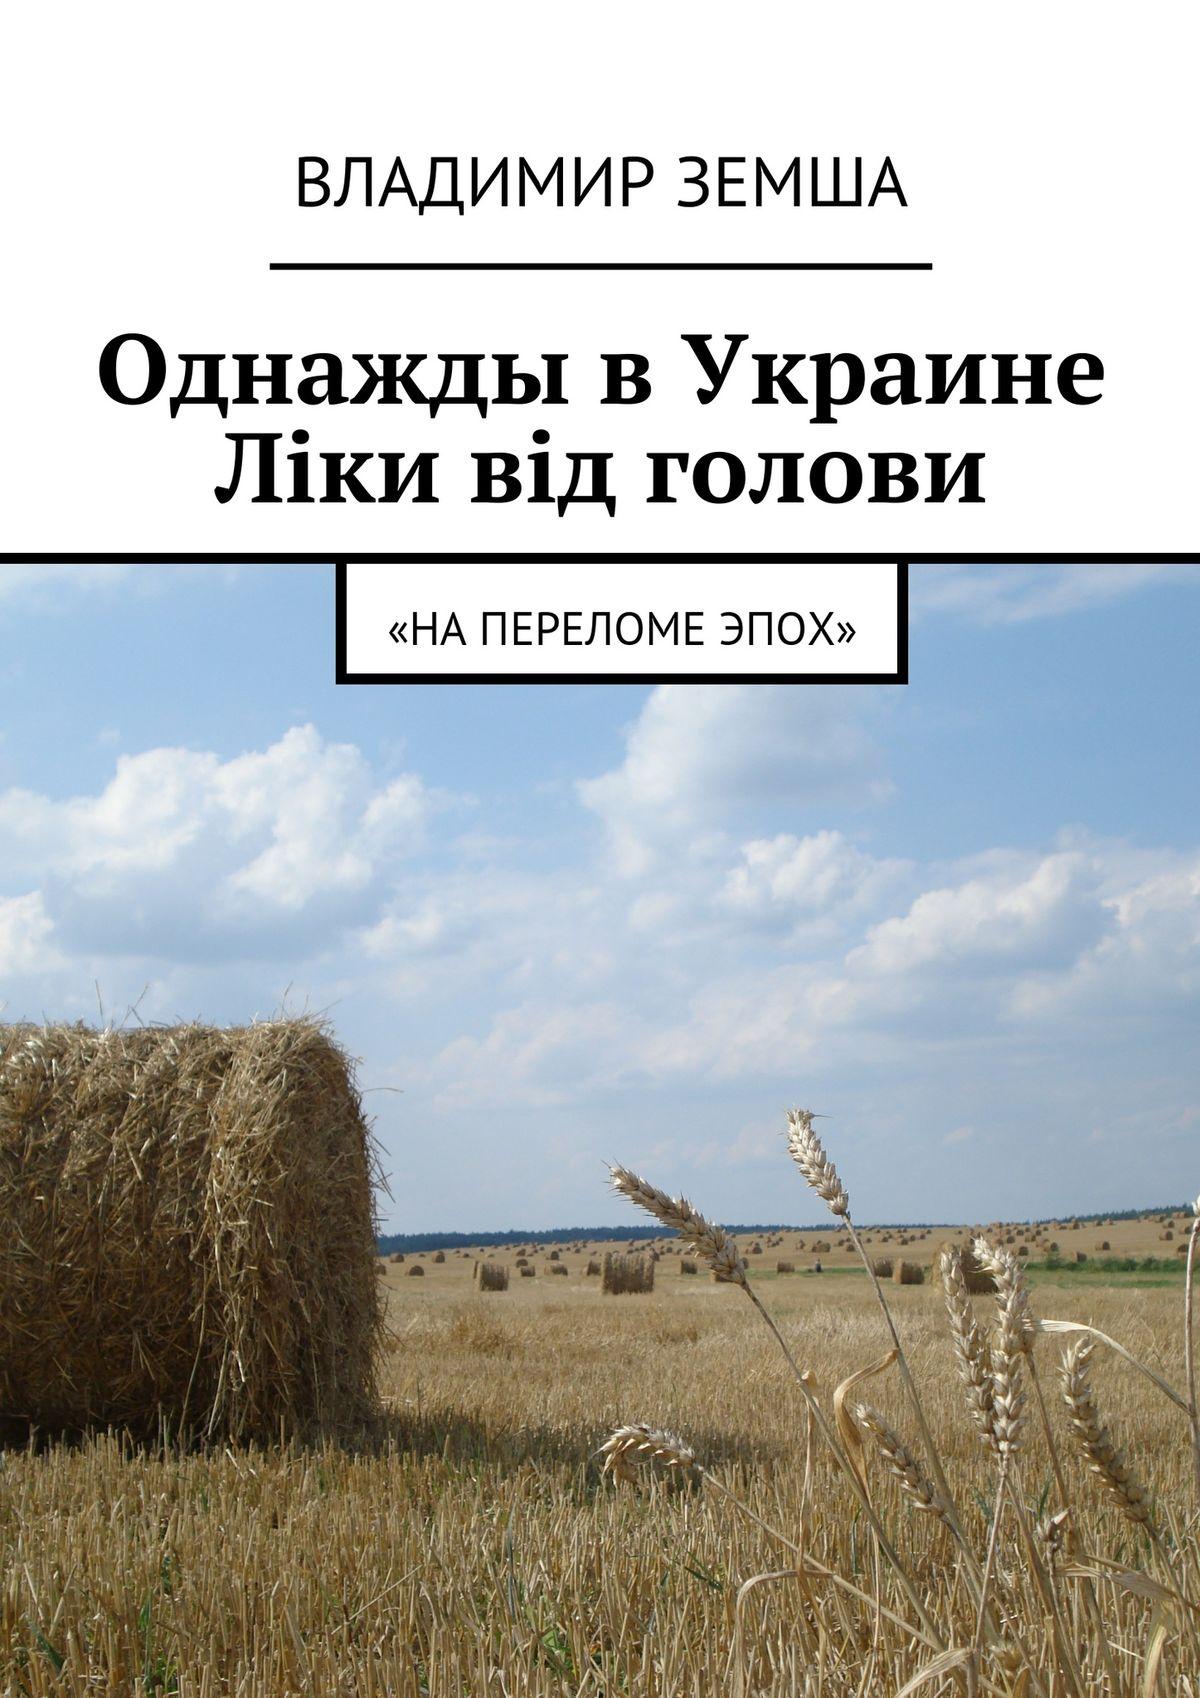 Владимир Валерьевич Земша Однажды в Украине: Лiки вiд голови на авто через украину